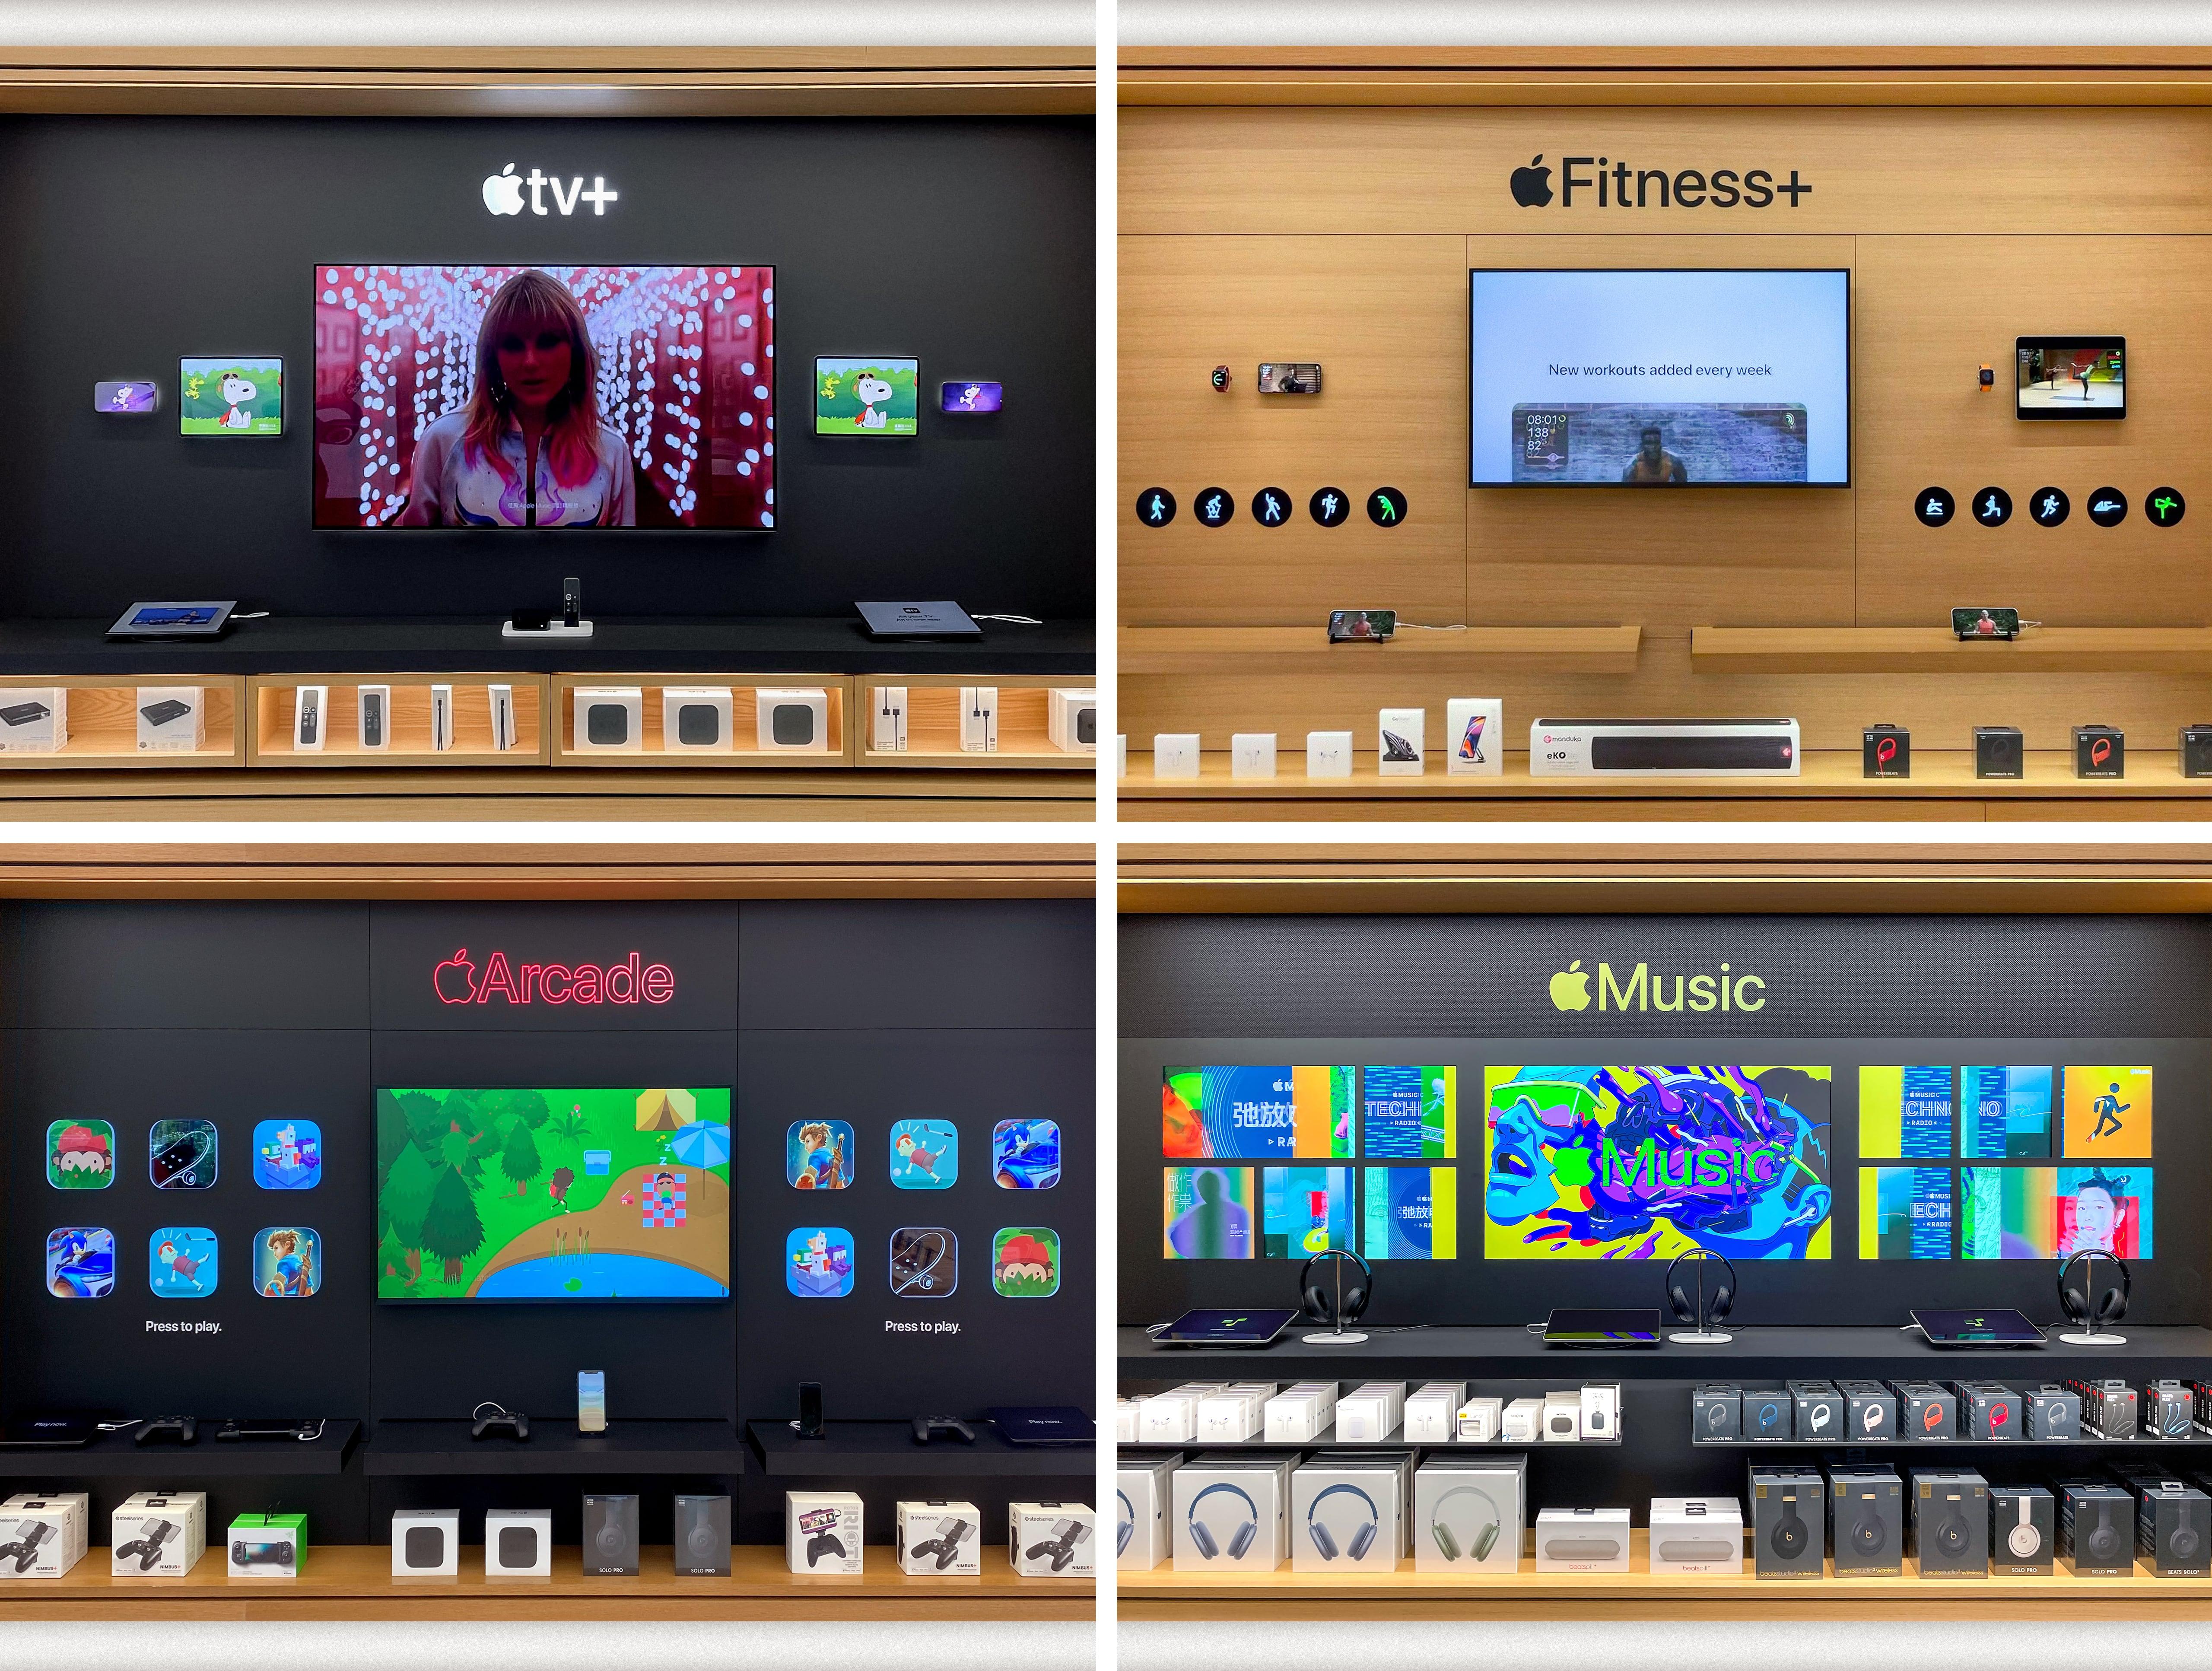 Apple TV+, Apple Fitness+, Apple Arcade, and Apple Music displays.